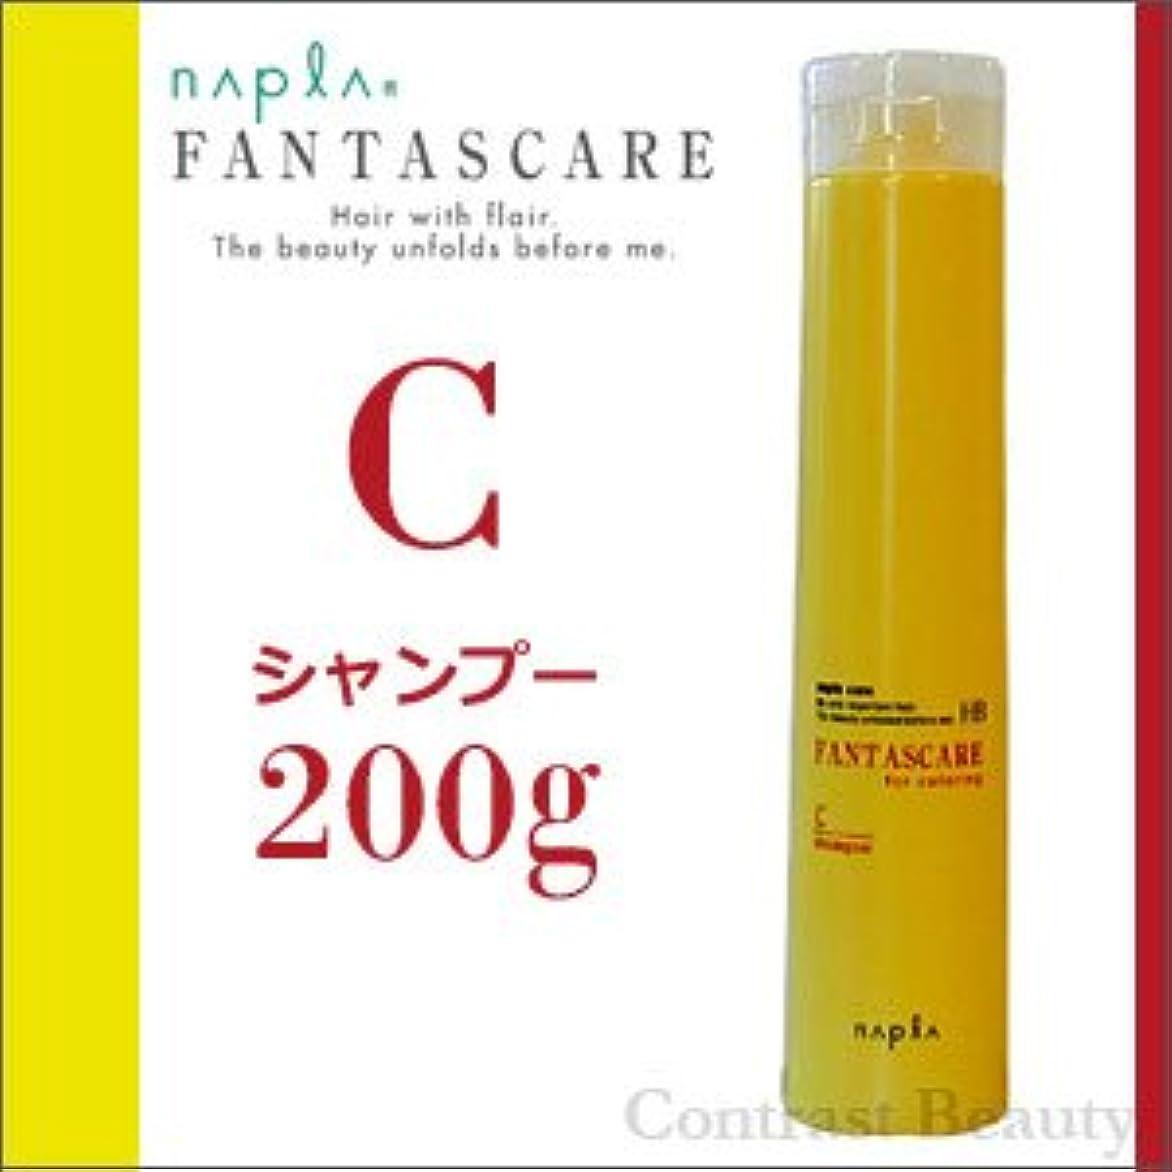 扇動ジュース後退する【X5個セット】 ナプラ ファンタスケア Cシャンプー 200g napla